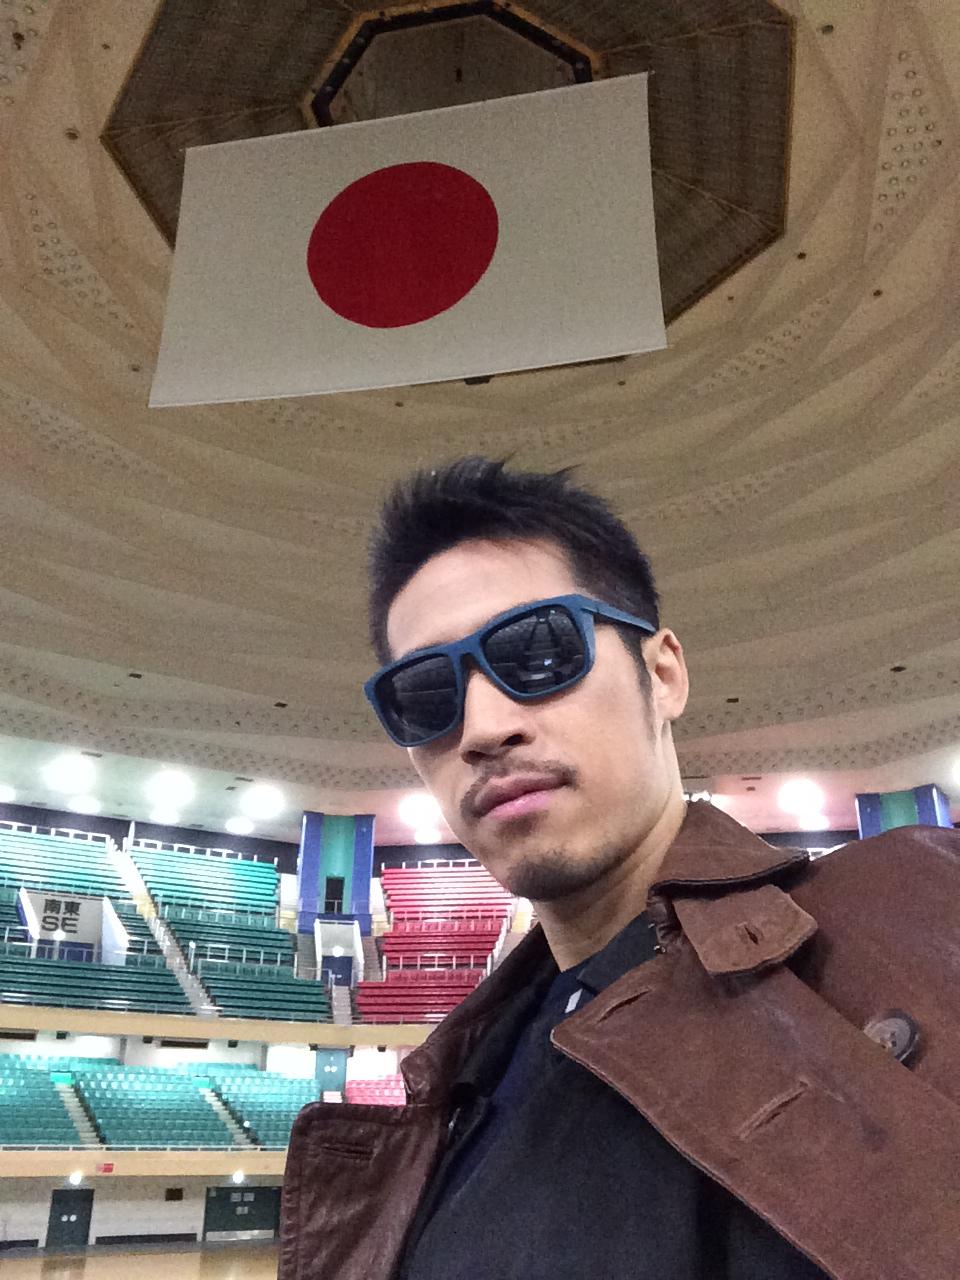 日の丸かっこいい〜!なんか日本代表になった気分。